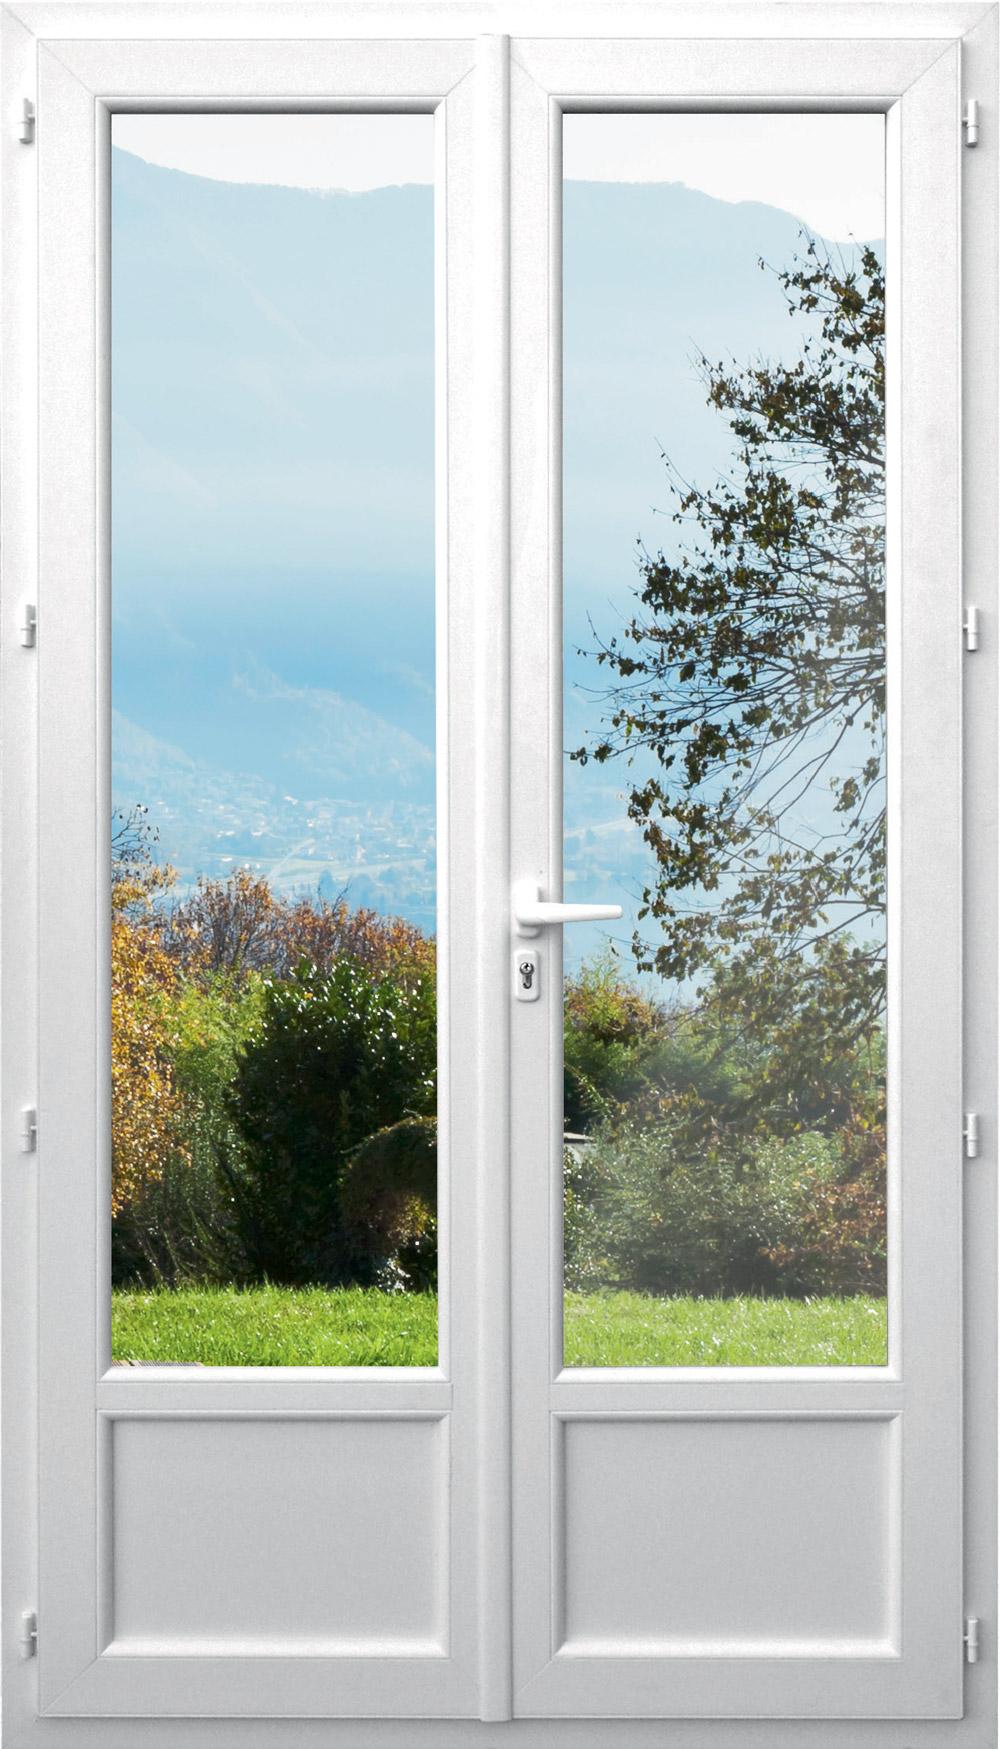 Prix porte fenetre pvc double vitrage maison mobilier jardin - Cout changement fenetre double vitrage ...